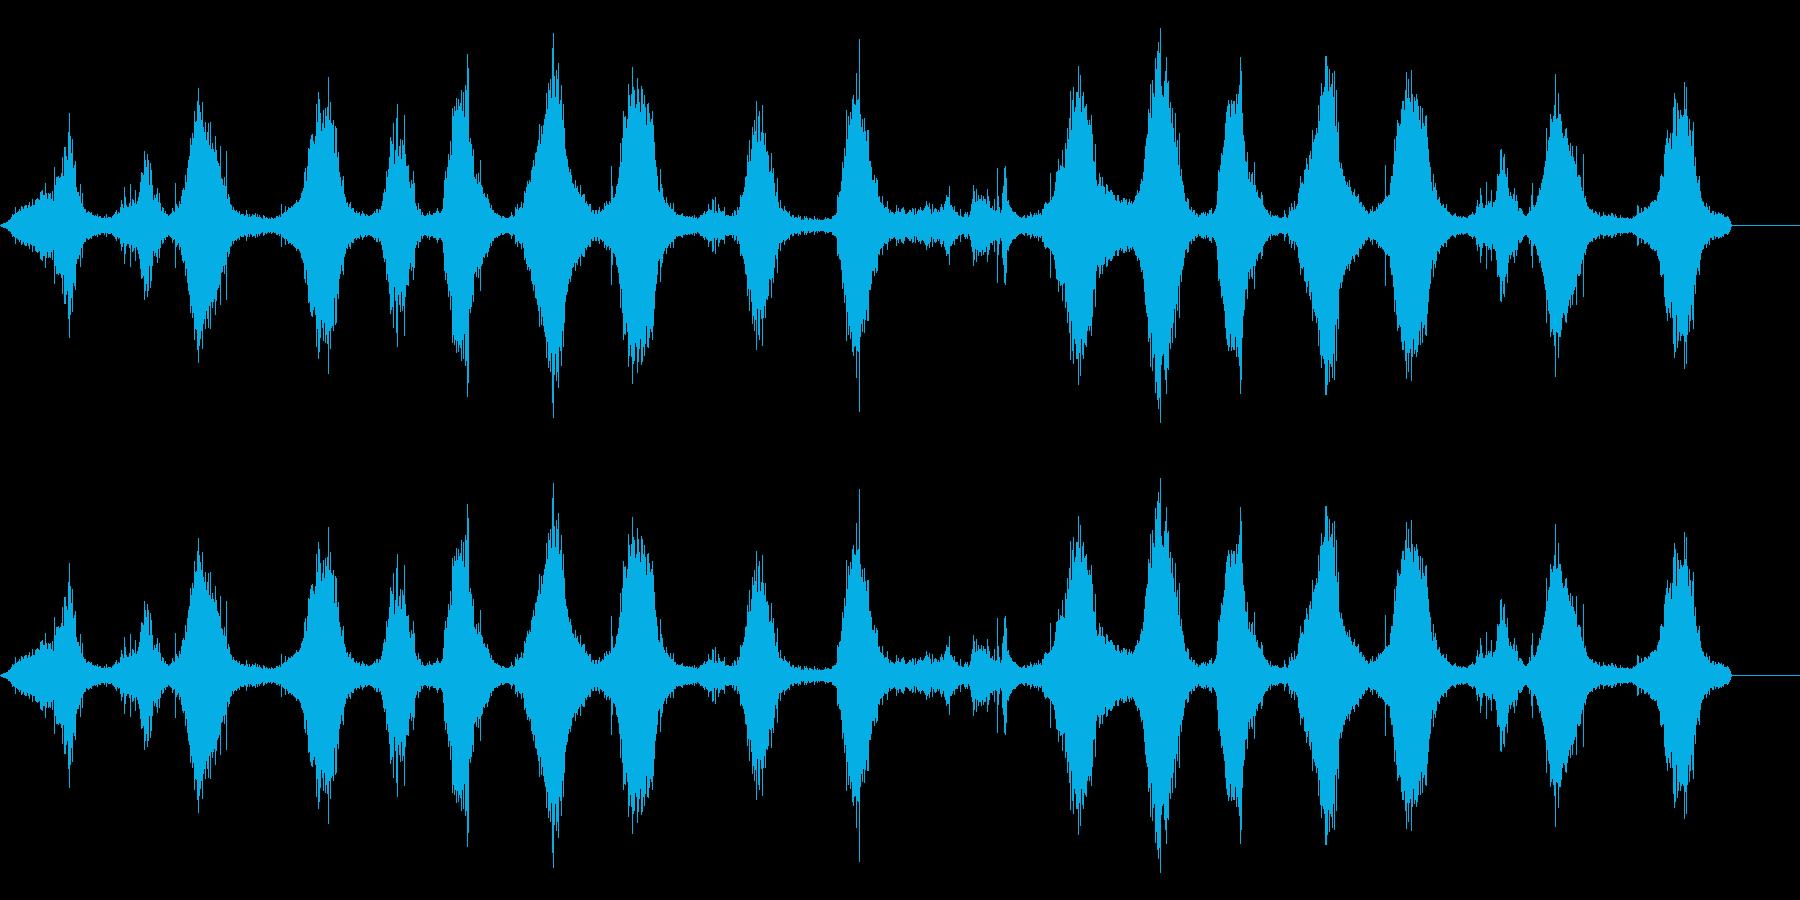 波-地球上のソフトロールの再生済みの波形